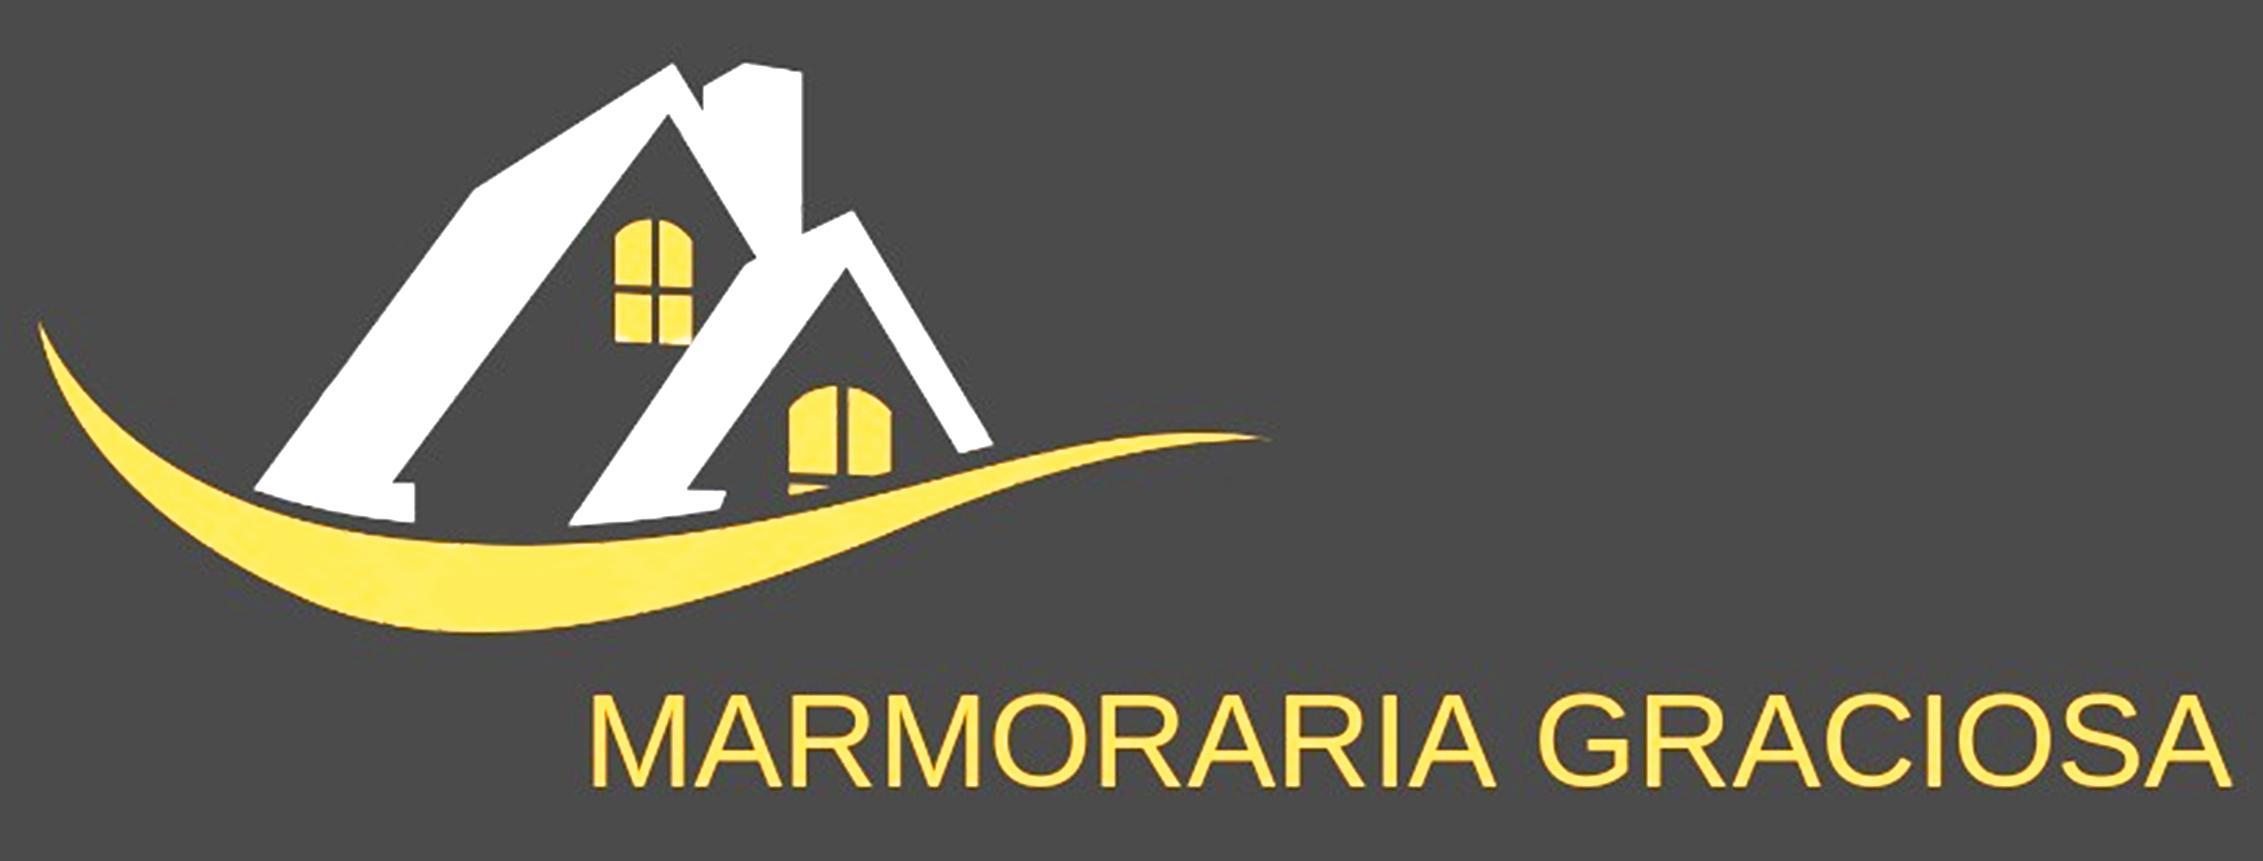 MARMORES E GRANITOS (41) 3675-9653 MARMORARIA EM CURITIBA MARMORES QUARTZOS COZINHAS EM MARMORE LAVATORIO EM GRANITO MELHOR EMPRESA DE MARMORARIA EM CURITIBA BANCADAS EM MARMORE GRANITO PARA CONSTRUTORAS MARMORES E GRANITOS EM CURITIBA MARMORES MELHOR PRECO MARMORARIA EM PINHAIS COMERCIO DE MARMORES E GRANITOS EM CURITIBA MARMORARIA EM COLOMBO CHURRASQUEIRA EM MARMORE PEDRA DE GRANITO PARA COZINHA BANCADAS EM MARMORE MARMORARIA NO LITORAL DE CURITIBA MARMORES EM SANTA CATARINA MARMORES E GRANITO CURITIBA